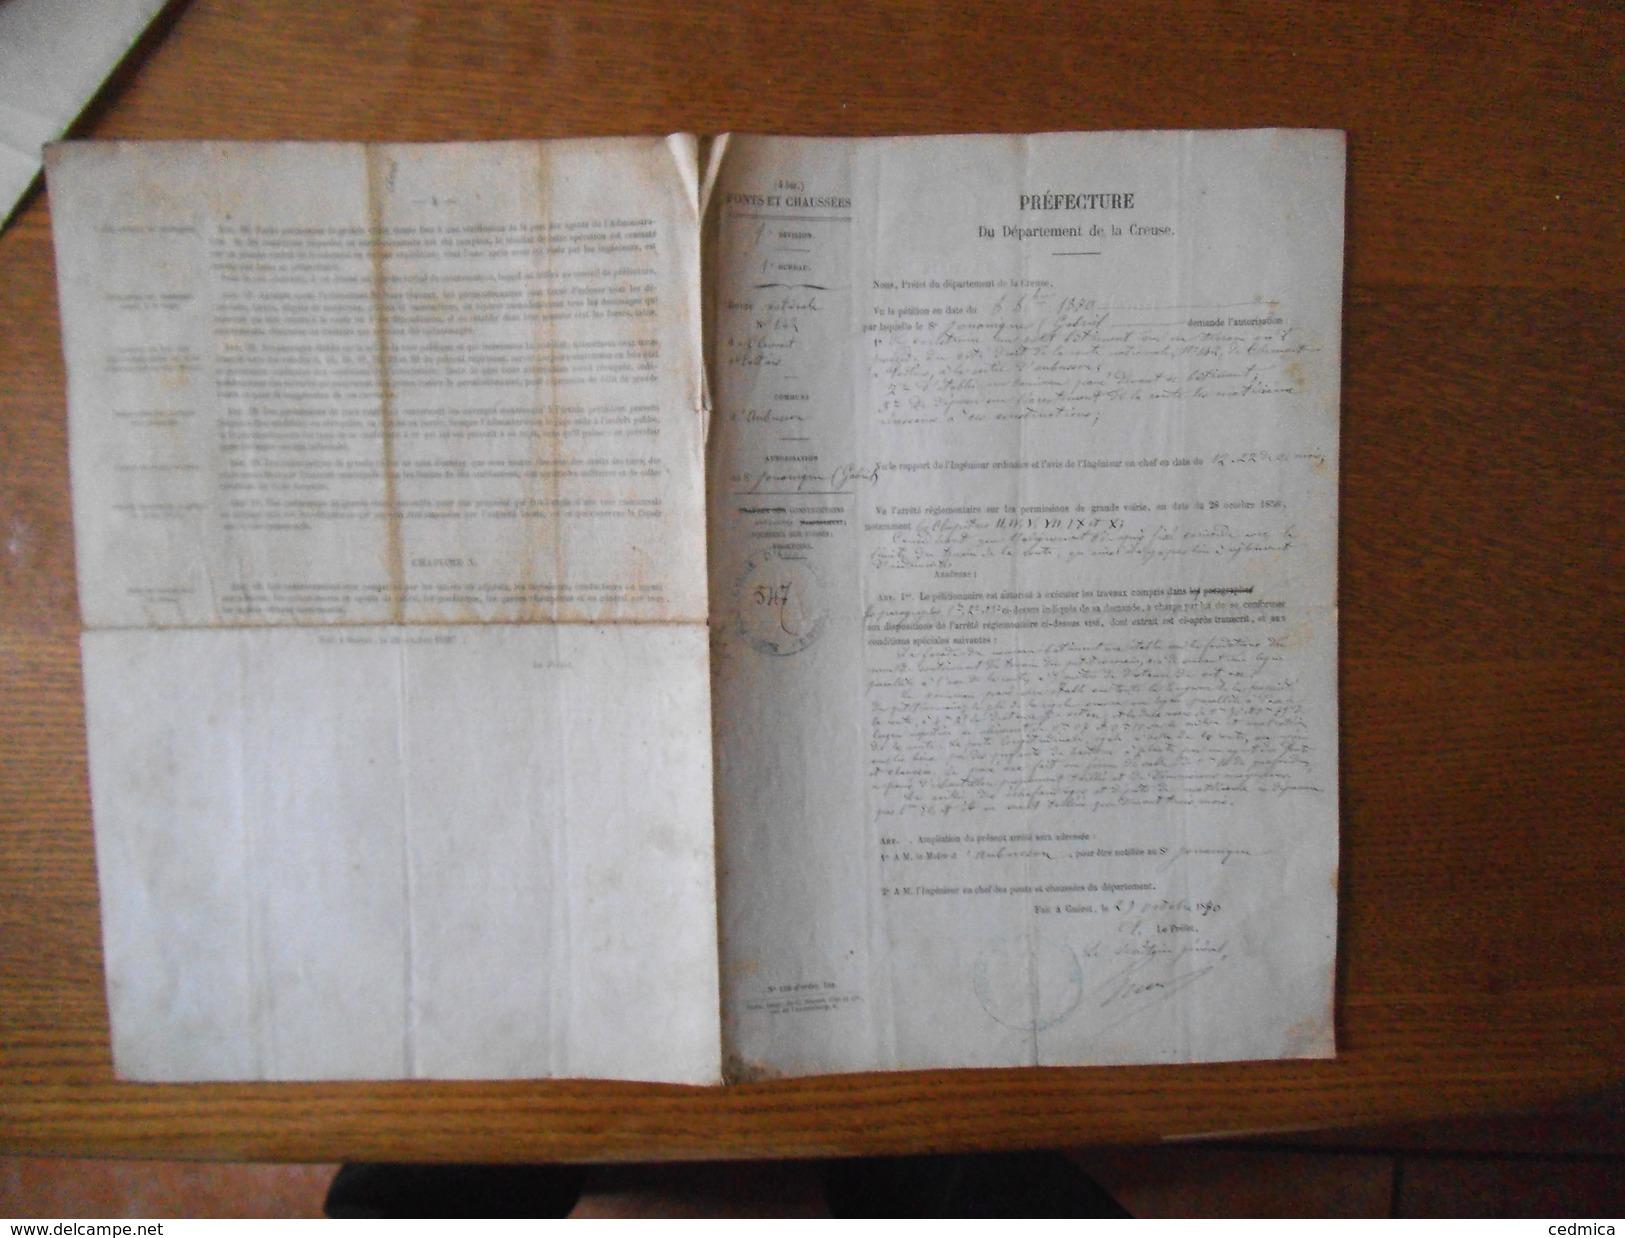 PREFECTURE DU DEPARTEMENT DE LA CREUSE PONTS ET CHAUSSEES LE SECRETAIRE GENERAL 29 OCTOBRE 1870 - Documents Historiques